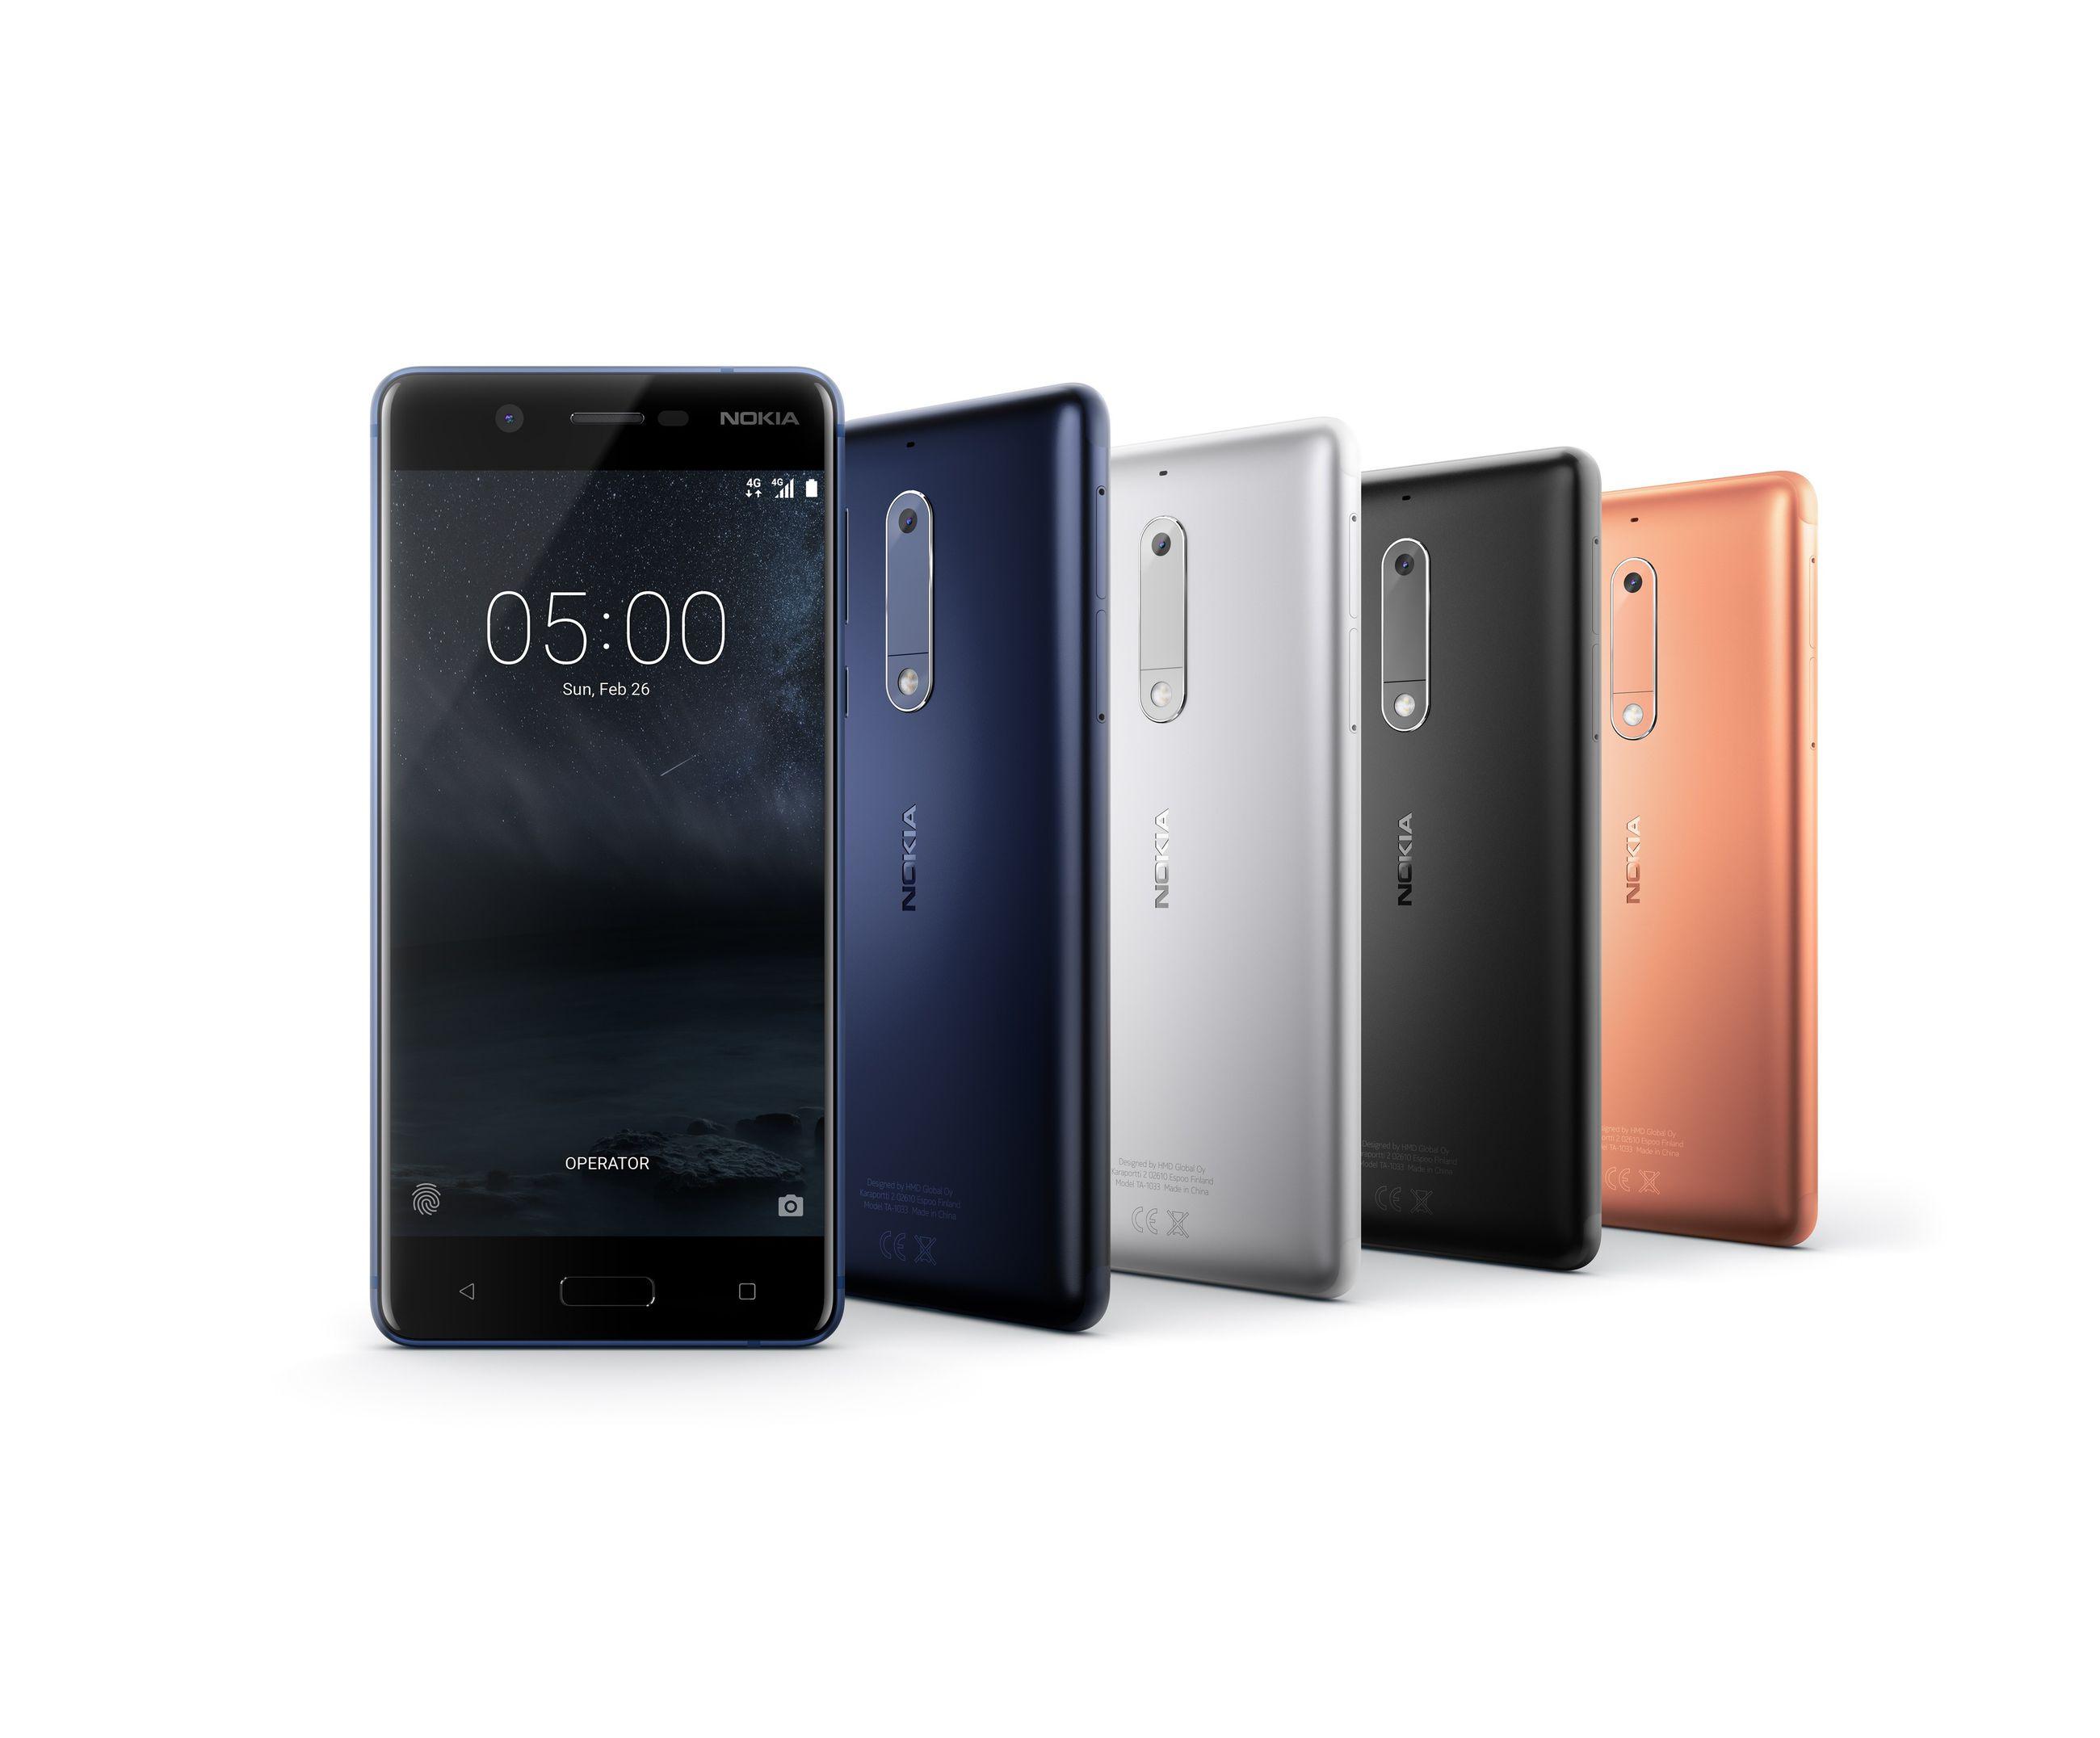 Nokian Puhelimet